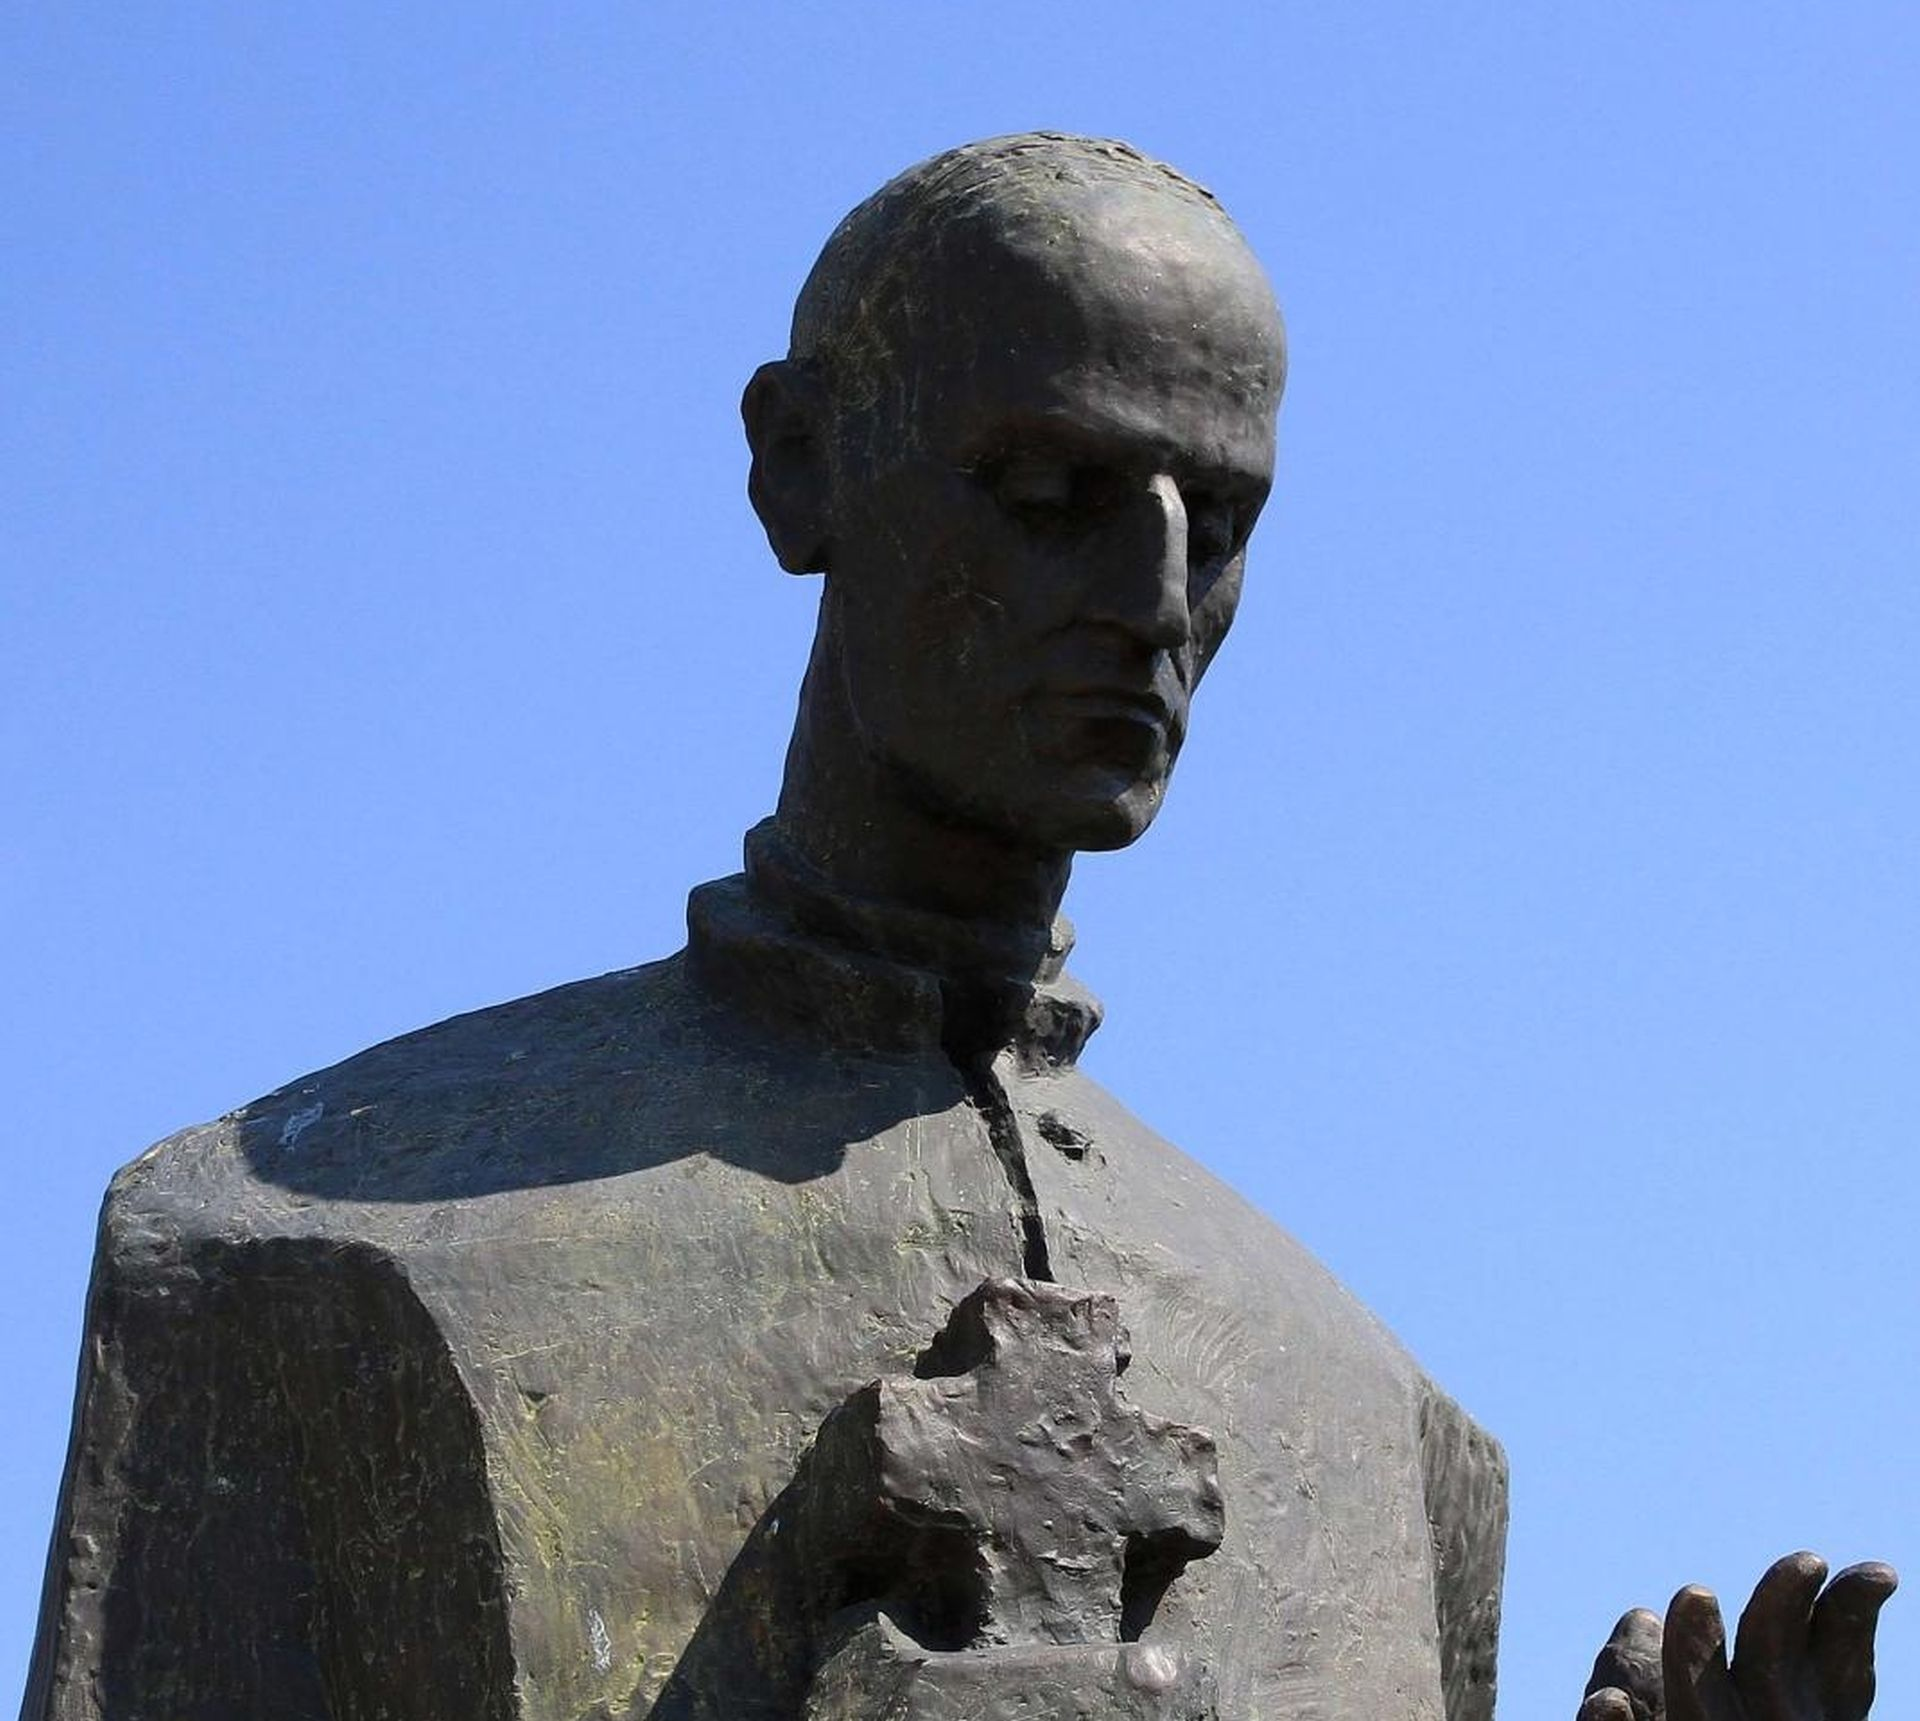 FELJTON Butlerovi jugoslavenski spisi o Stepincu i NDH